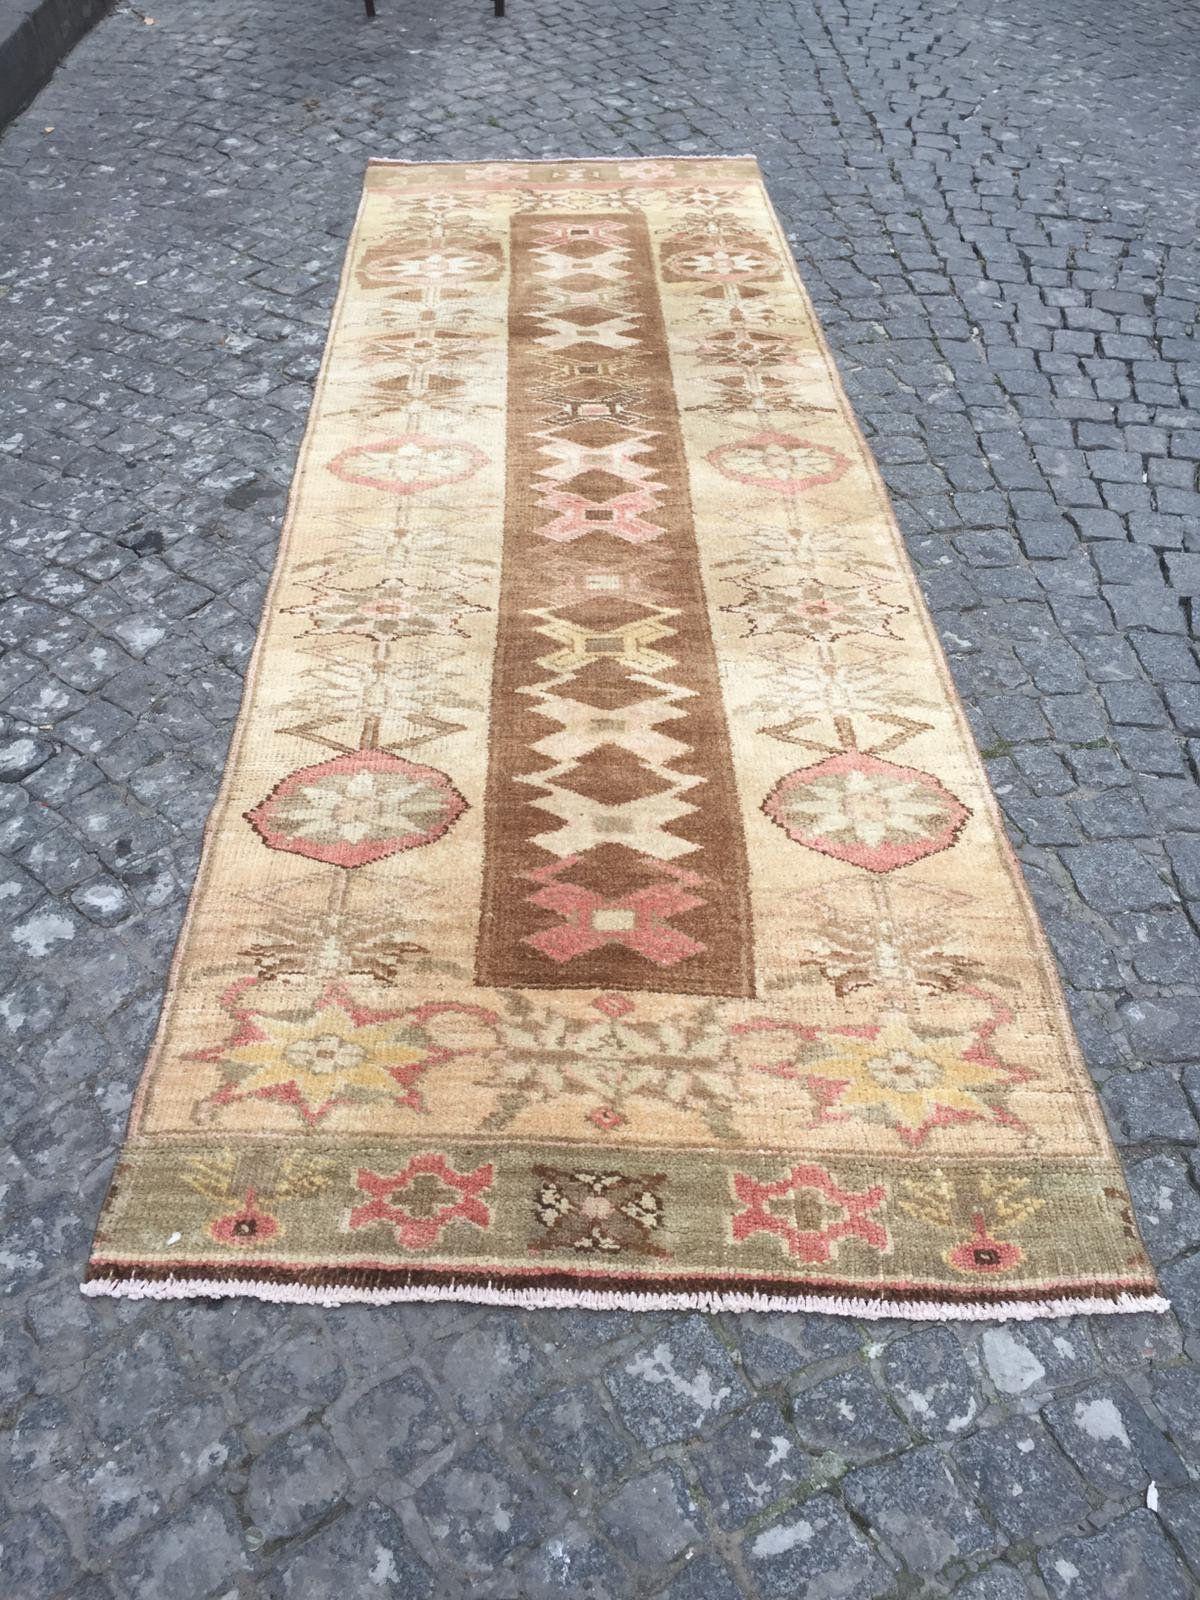 Turkish Carpet, 039 3Ft x 10Ft.  320cm x 107cm Vintage handmade Low pile Tribal Carpet  Anatolia. #carpet #rug #homedecor #officerunner #runner #oushak #HomeDécor #turkishkilimpillow #bohemianpillow #cushioncover #decorativepillow #pillowcase #bohokilimpillow #turkish #rug #etsyrug #etsy #etsyshop #carpet #homedecor #homedizayn #homedesign #newyork #america #dallas #handmaderug #handmade #ottoman #ottomanrug #ruglove #kilimmodelleri #kilimmobilya #vintage #vintagestyle #oushakrug #kilim